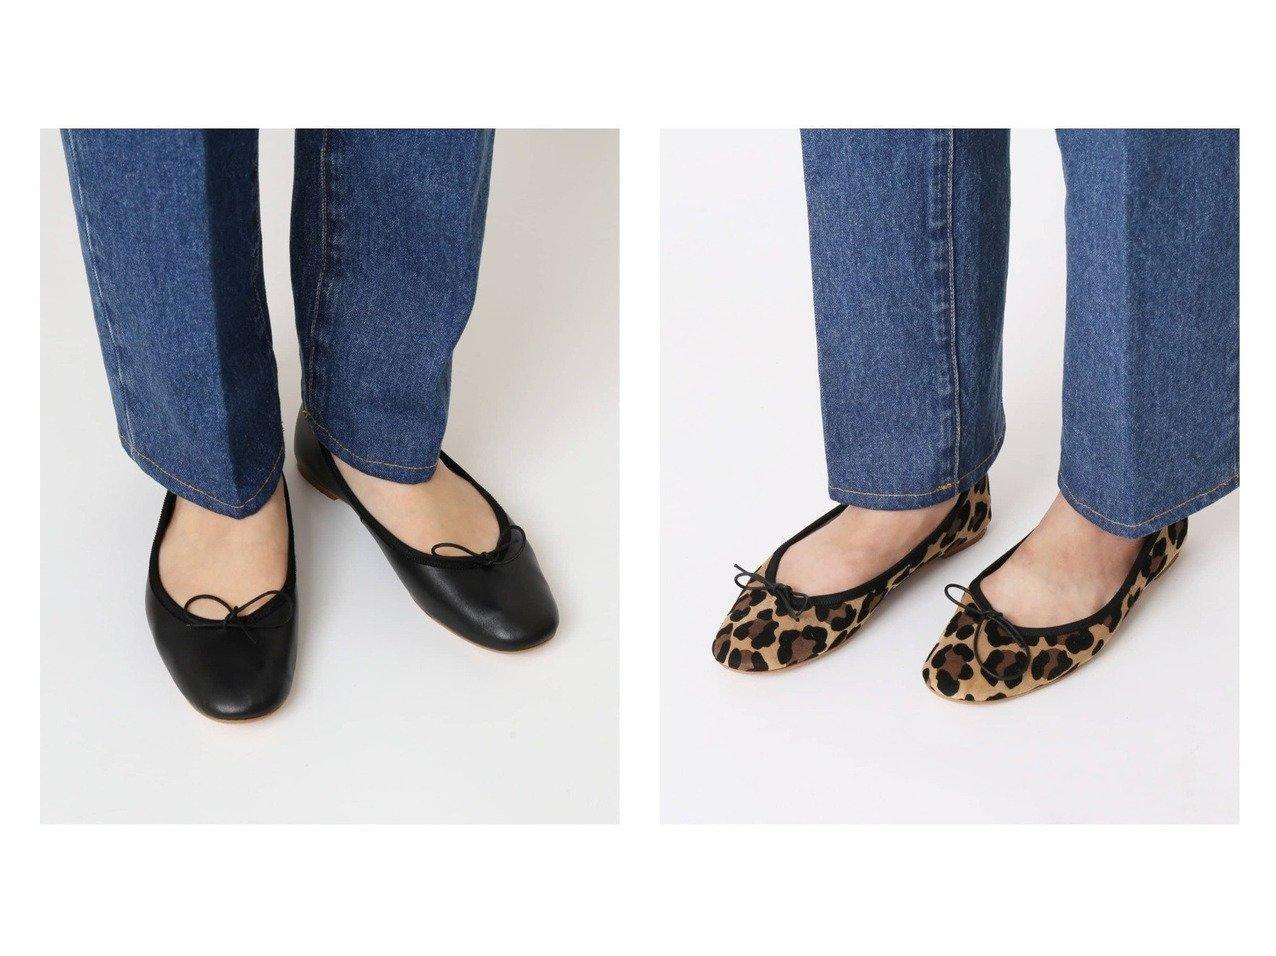 【U by Spick&Span/ユーバイ スピック&スパン】のORIGINAL バレエシューズ 【シューズ・靴】おすすめ!人気、トレンド・レディースファッションの通販   おすすめで人気の流行・トレンド、ファッションの通販商品 インテリア・家具・メンズファッション・キッズファッション・レディースファッション・服の通販 founy(ファニー) https://founy.com/ ファッション Fashion レディースファッション WOMEN 2021年 2021 2021-2022秋冬・A/W AW・Autumn/Winter・FW・Fall-Winter・2021-2022 2021春夏・S/S SS/Spring/Summer/2021 A/W・秋冬 AW・Autumn/Winter・FW・Fall-Winter S/S・春夏 SS・Spring/Summer シューズ デニム バレエ パープル レオパード ロング  ID:crp329100000064835